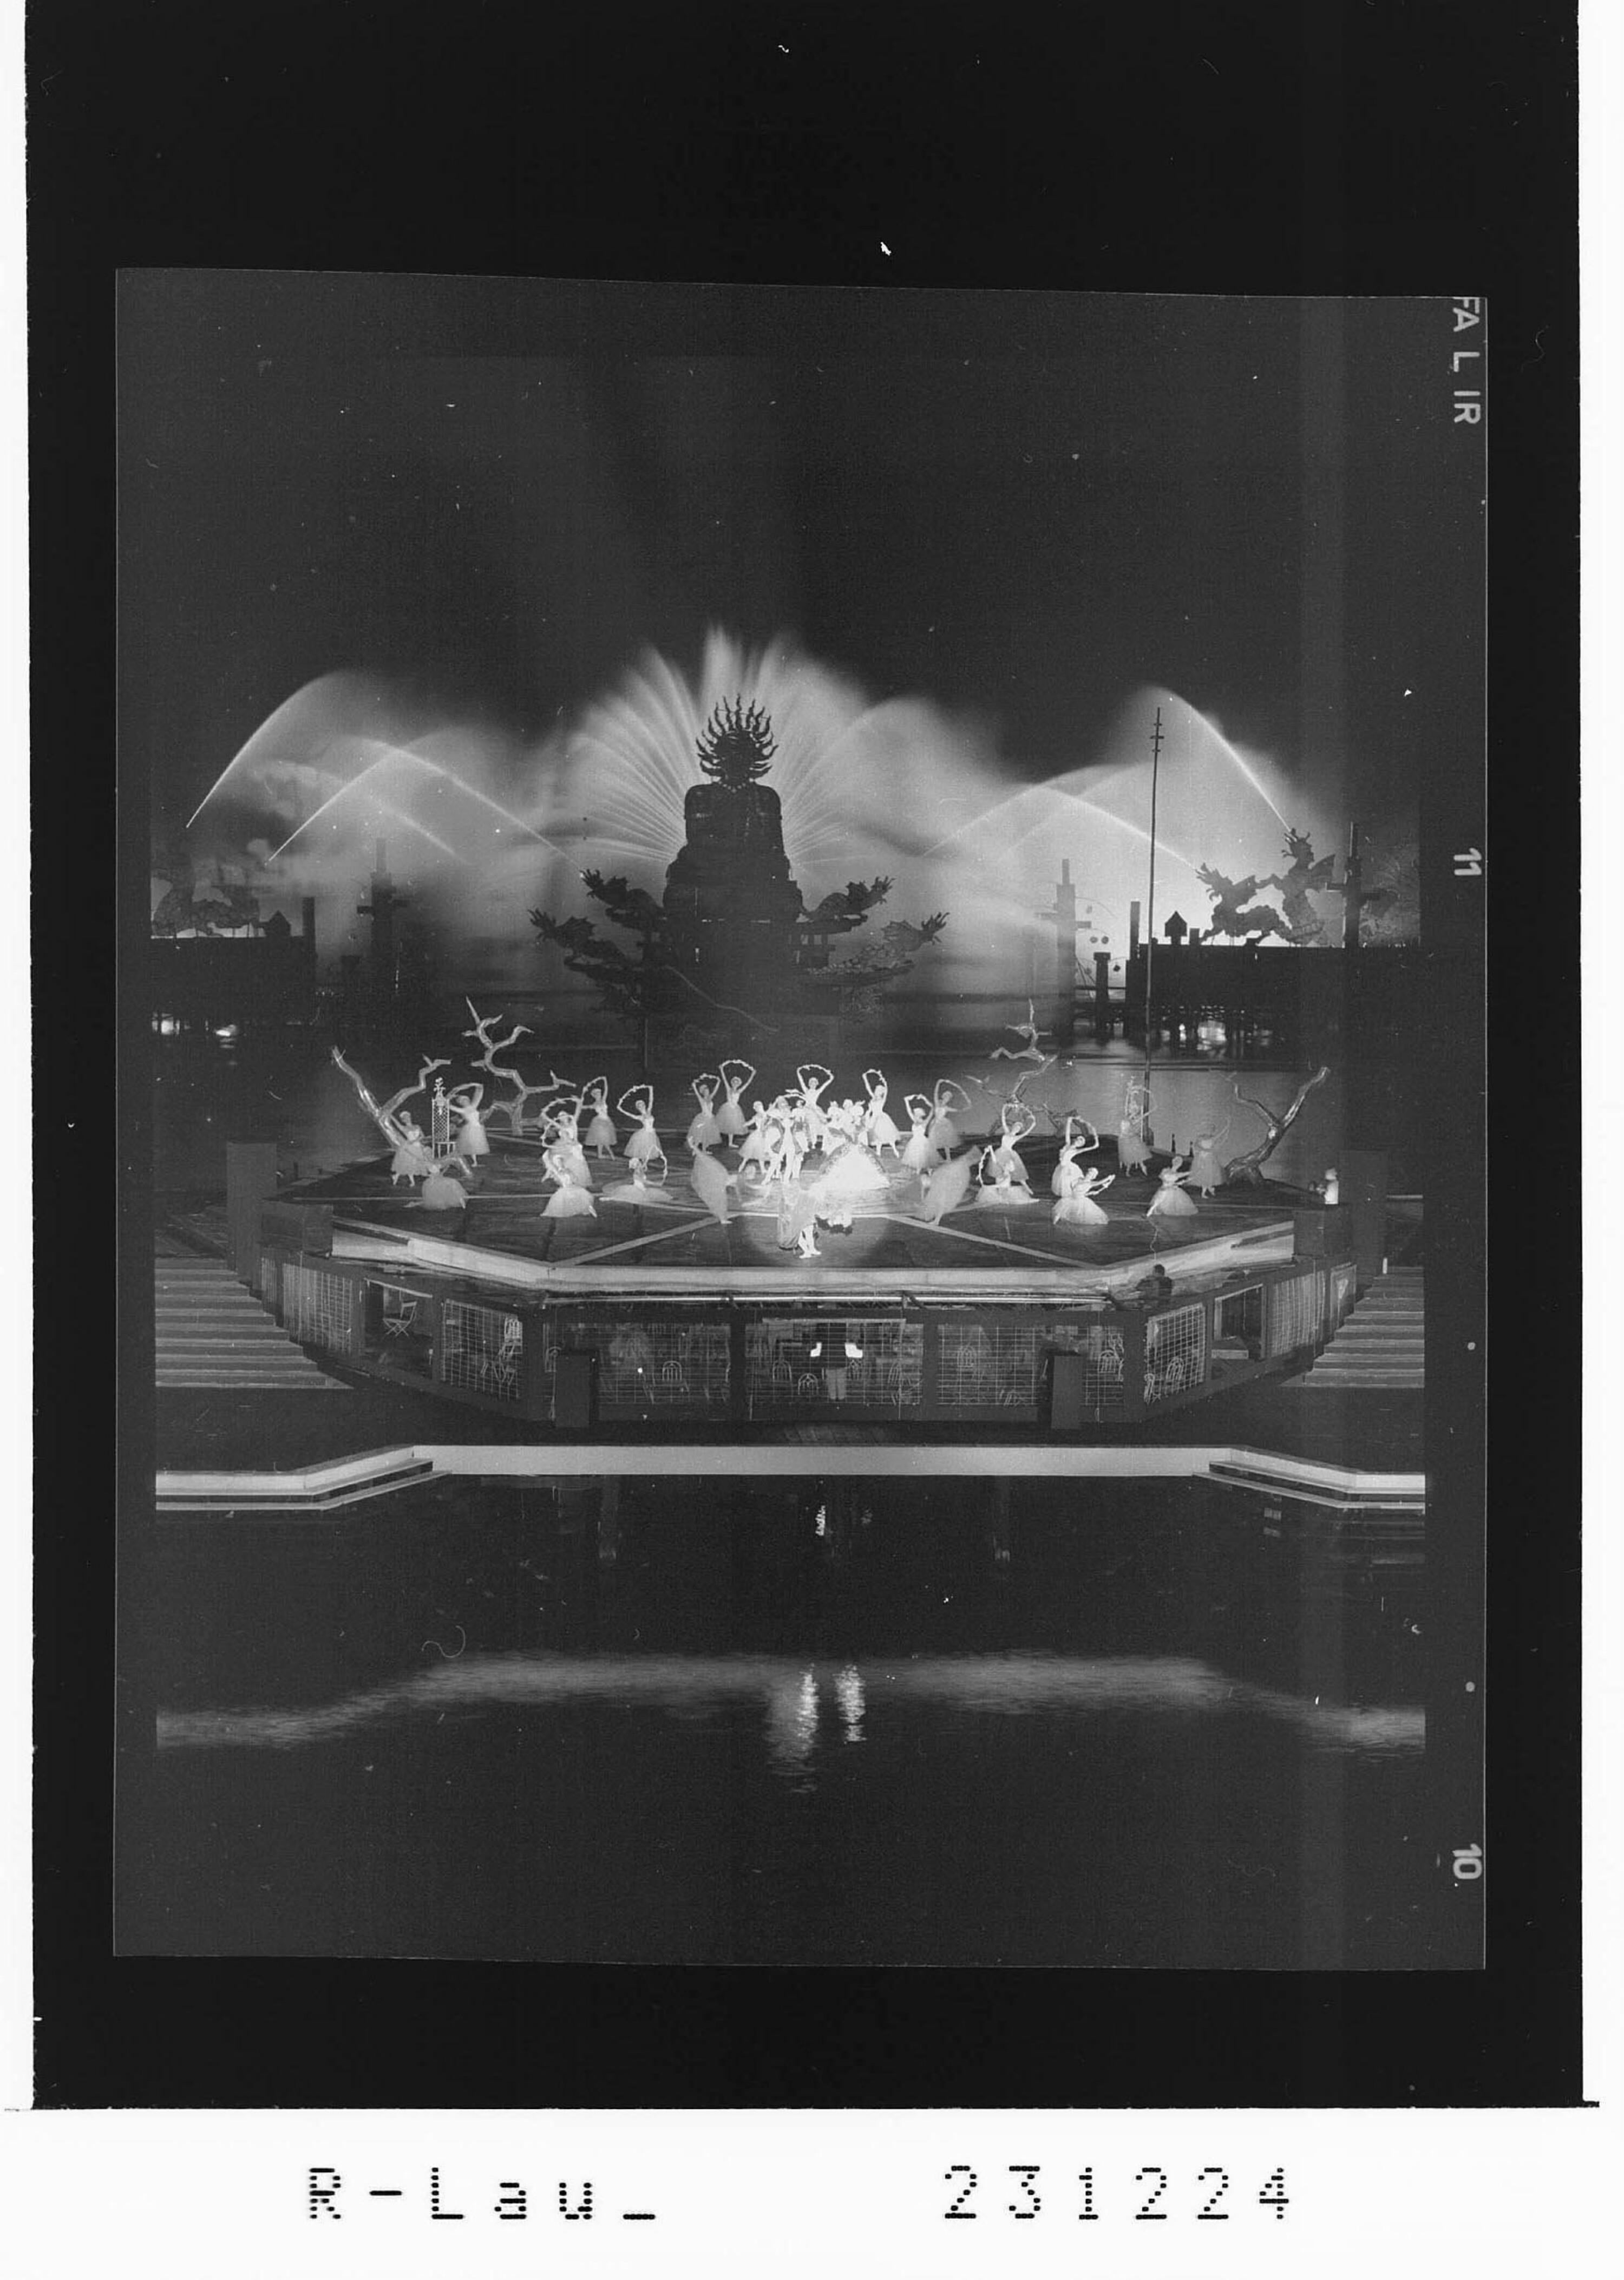 Bregenzer Festspiele 1964 / Ballett auf dem See - Dornröschen von Risch-Lau